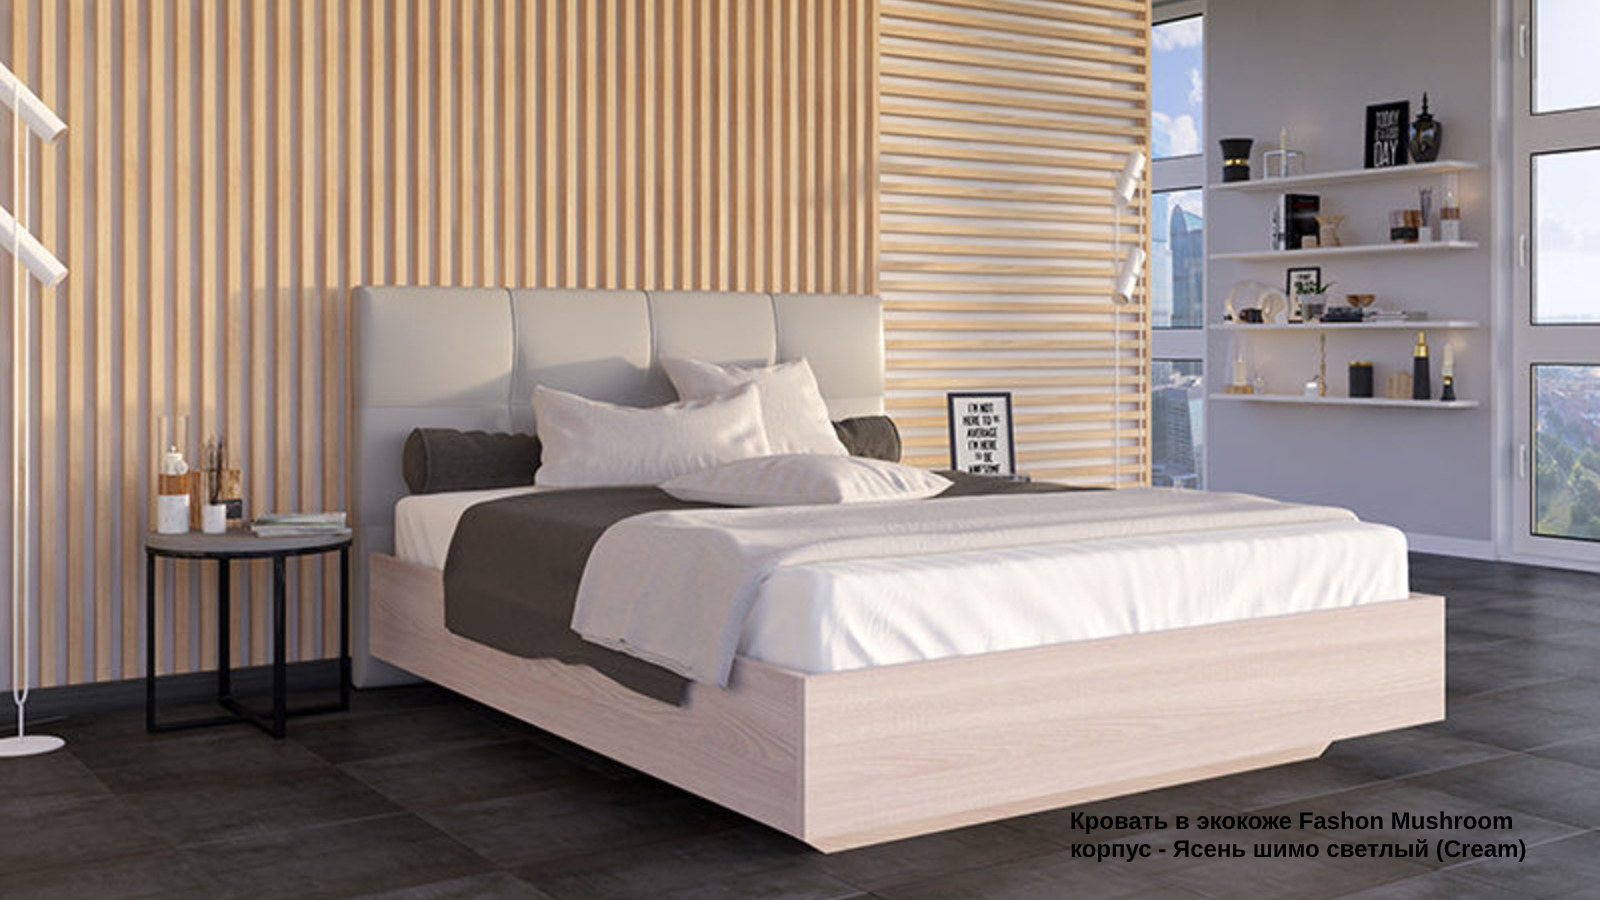 Фото - Кровать с подъемным механизмом Askona CRISTY Cream кровать с подъемным механизмом askona emma